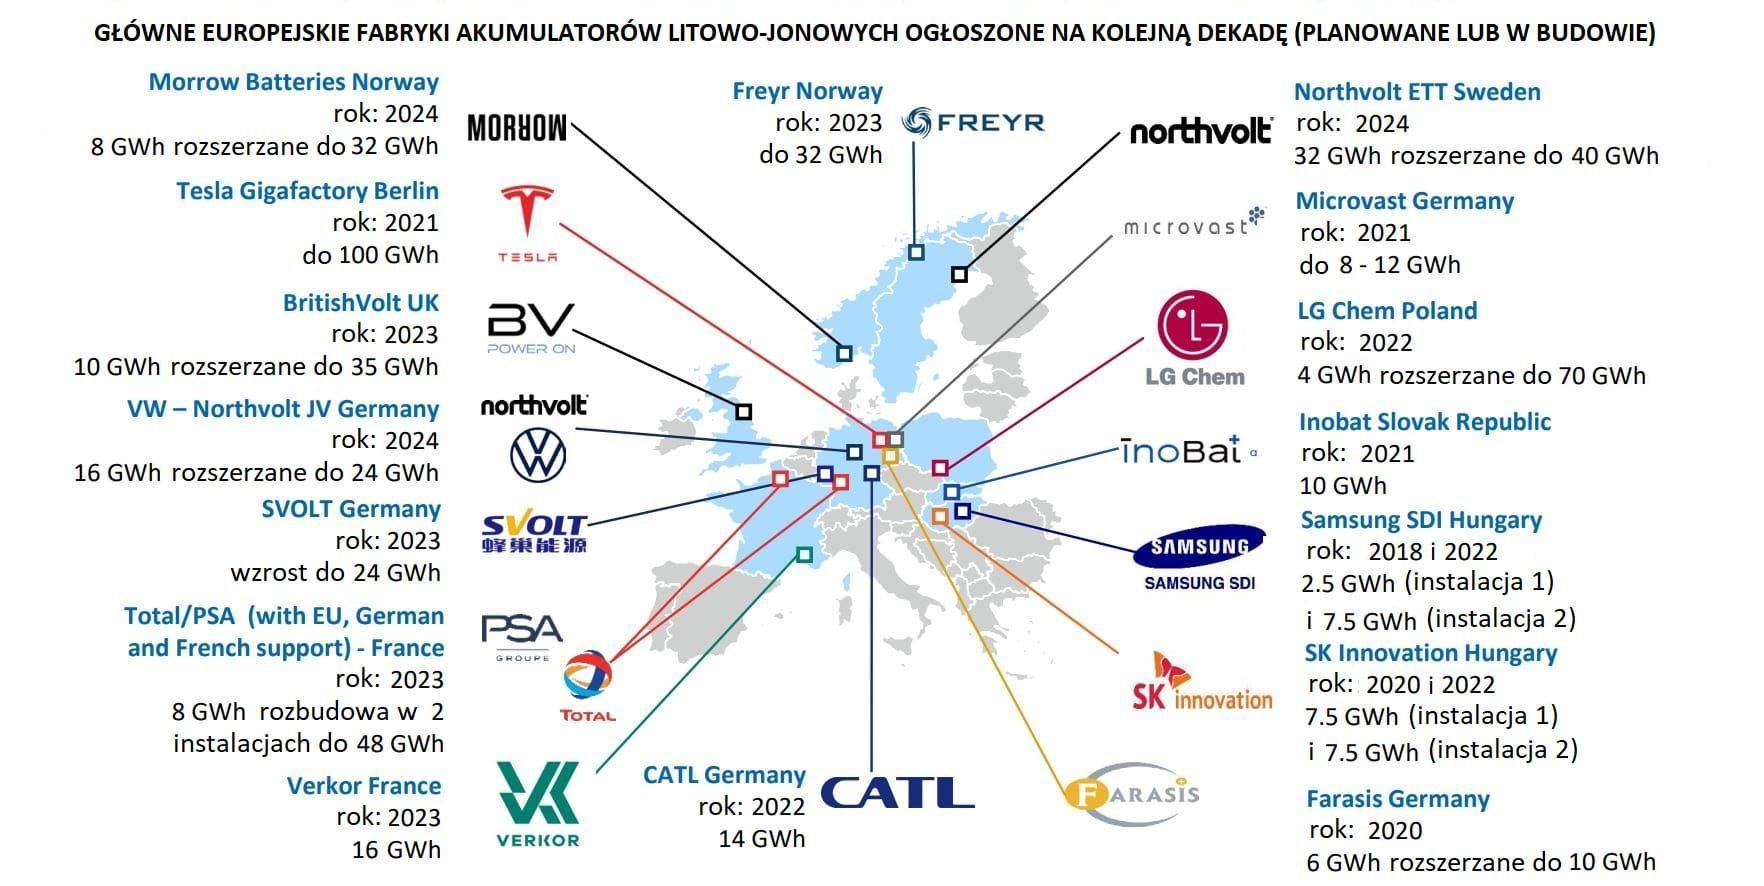 Wielkość produkcji w największych europejskich fabrykach akumulatorów